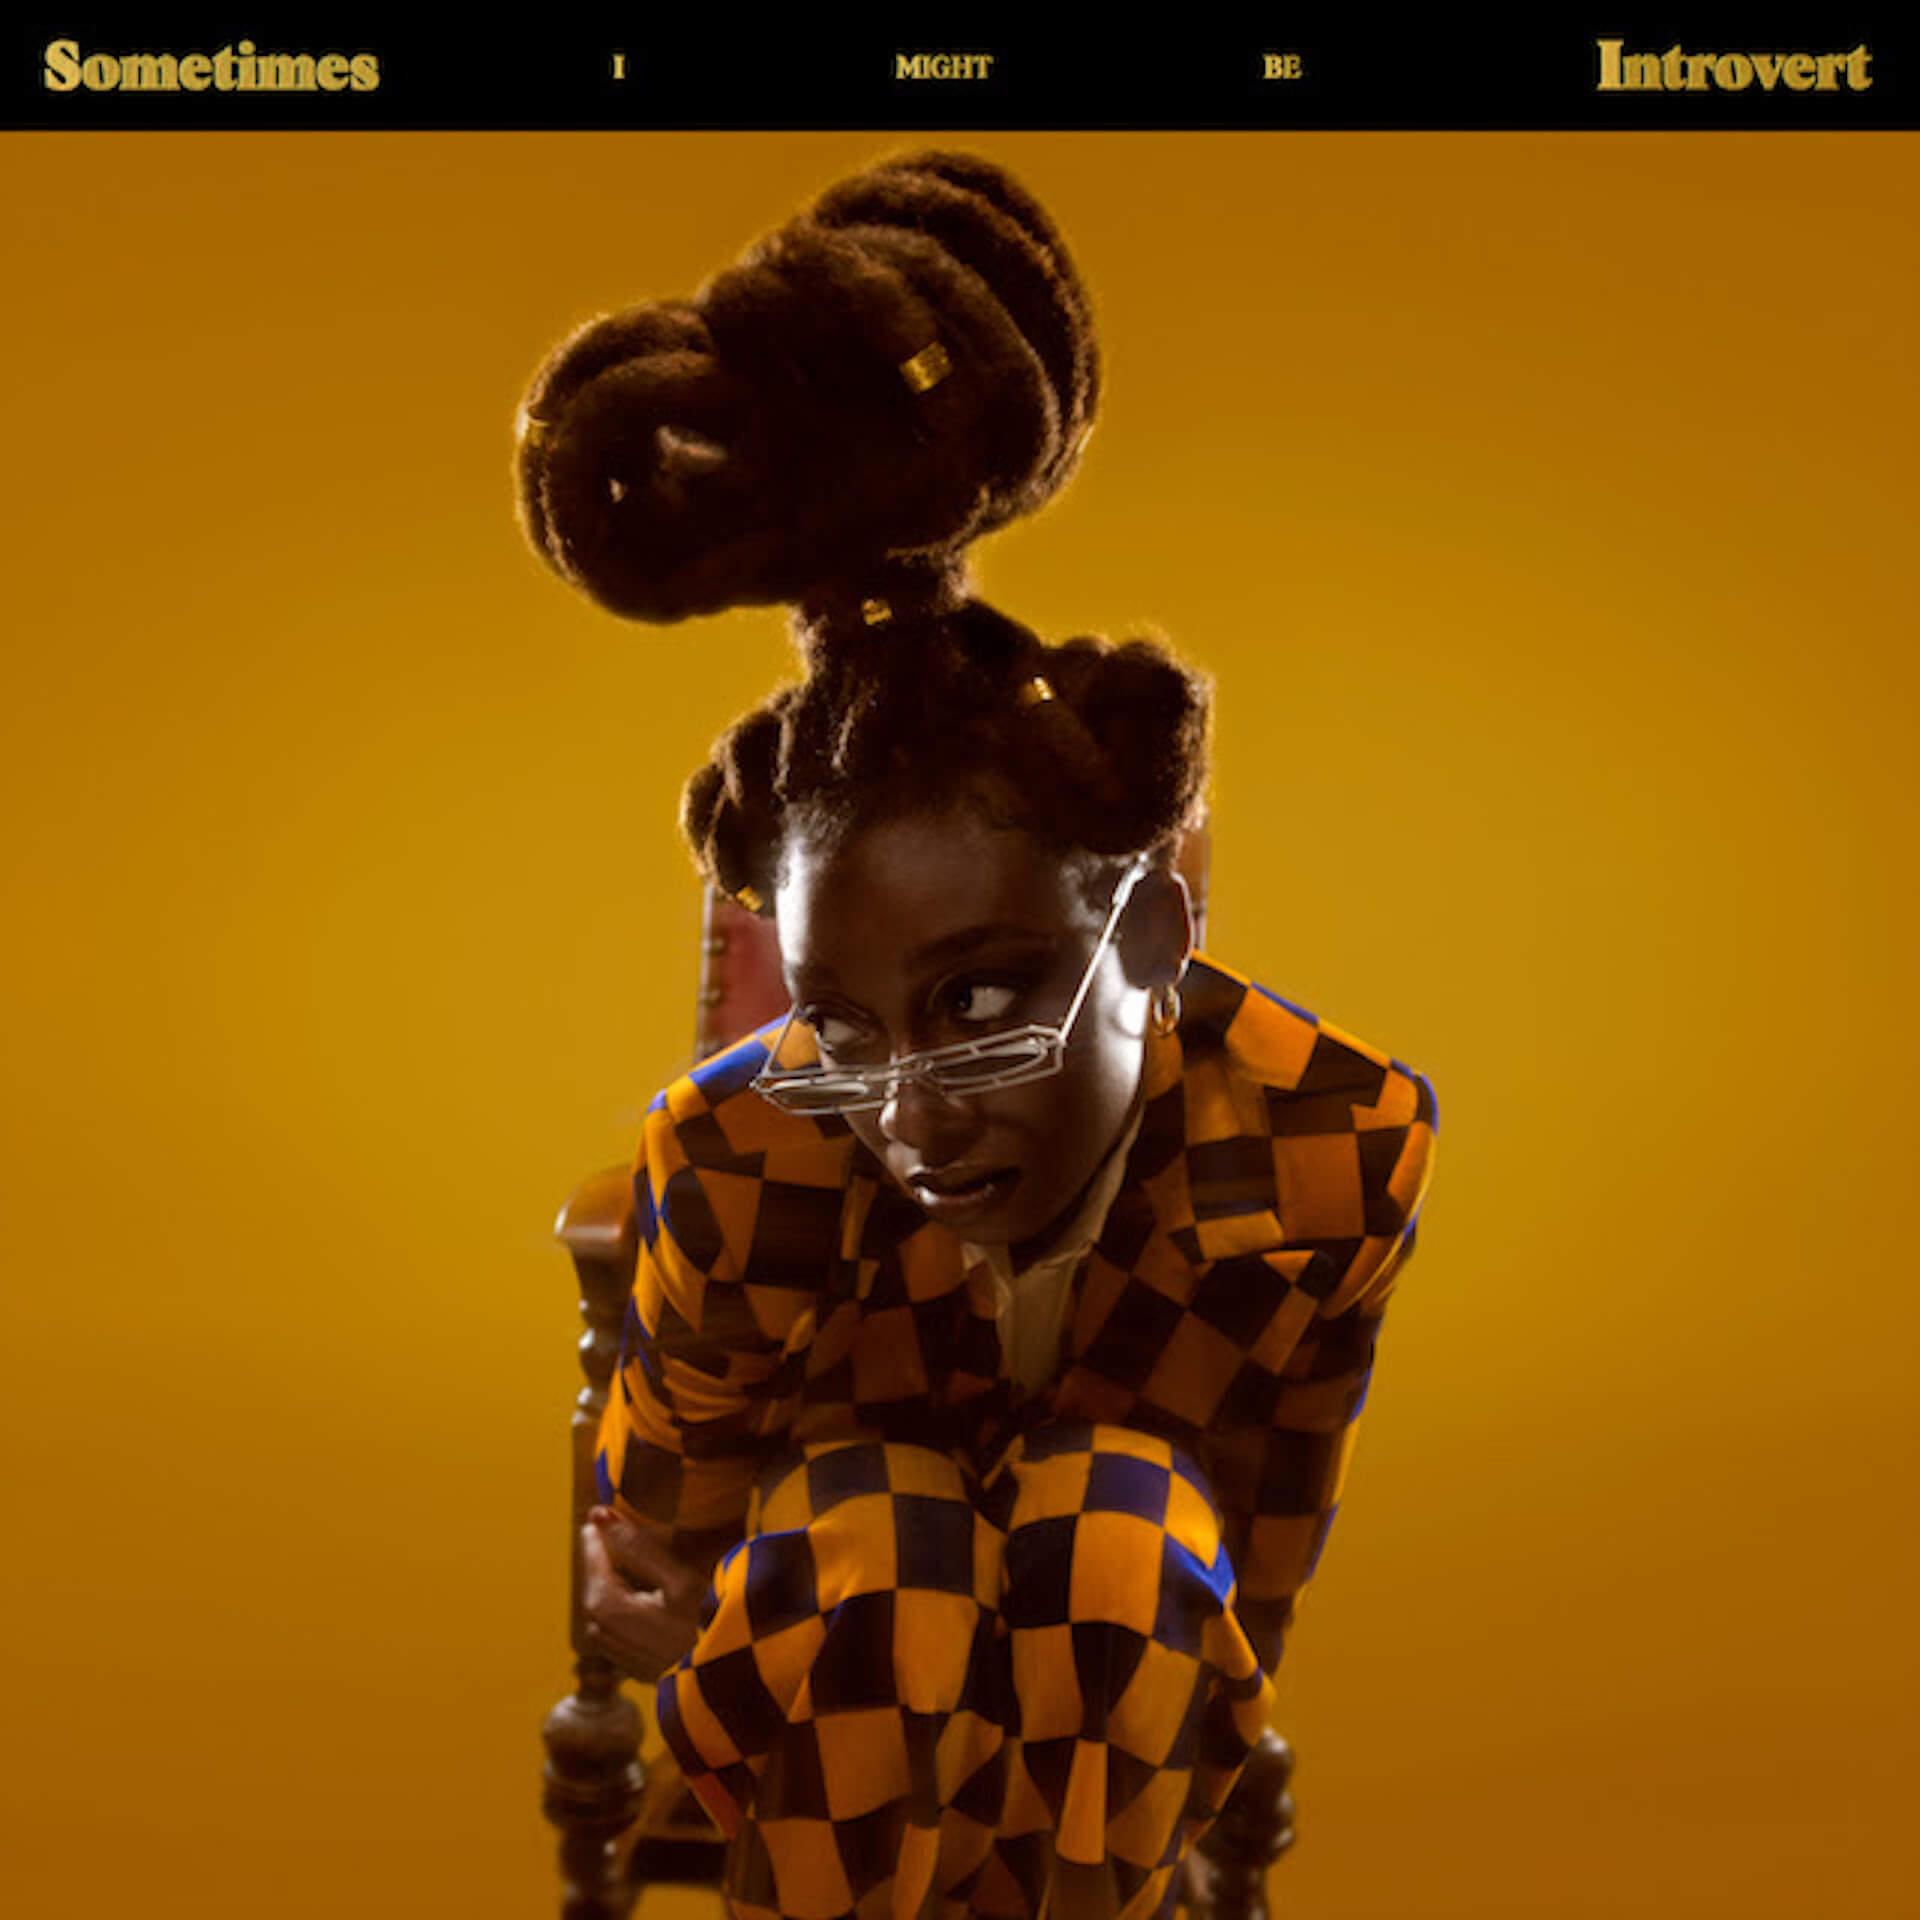 UKグライムシーンのアイコン・Little Simzがニューアルバム『Sometimes I Might Be Introvert』リリースを発表!新曲MVも公開 music210422_littlesimz_3